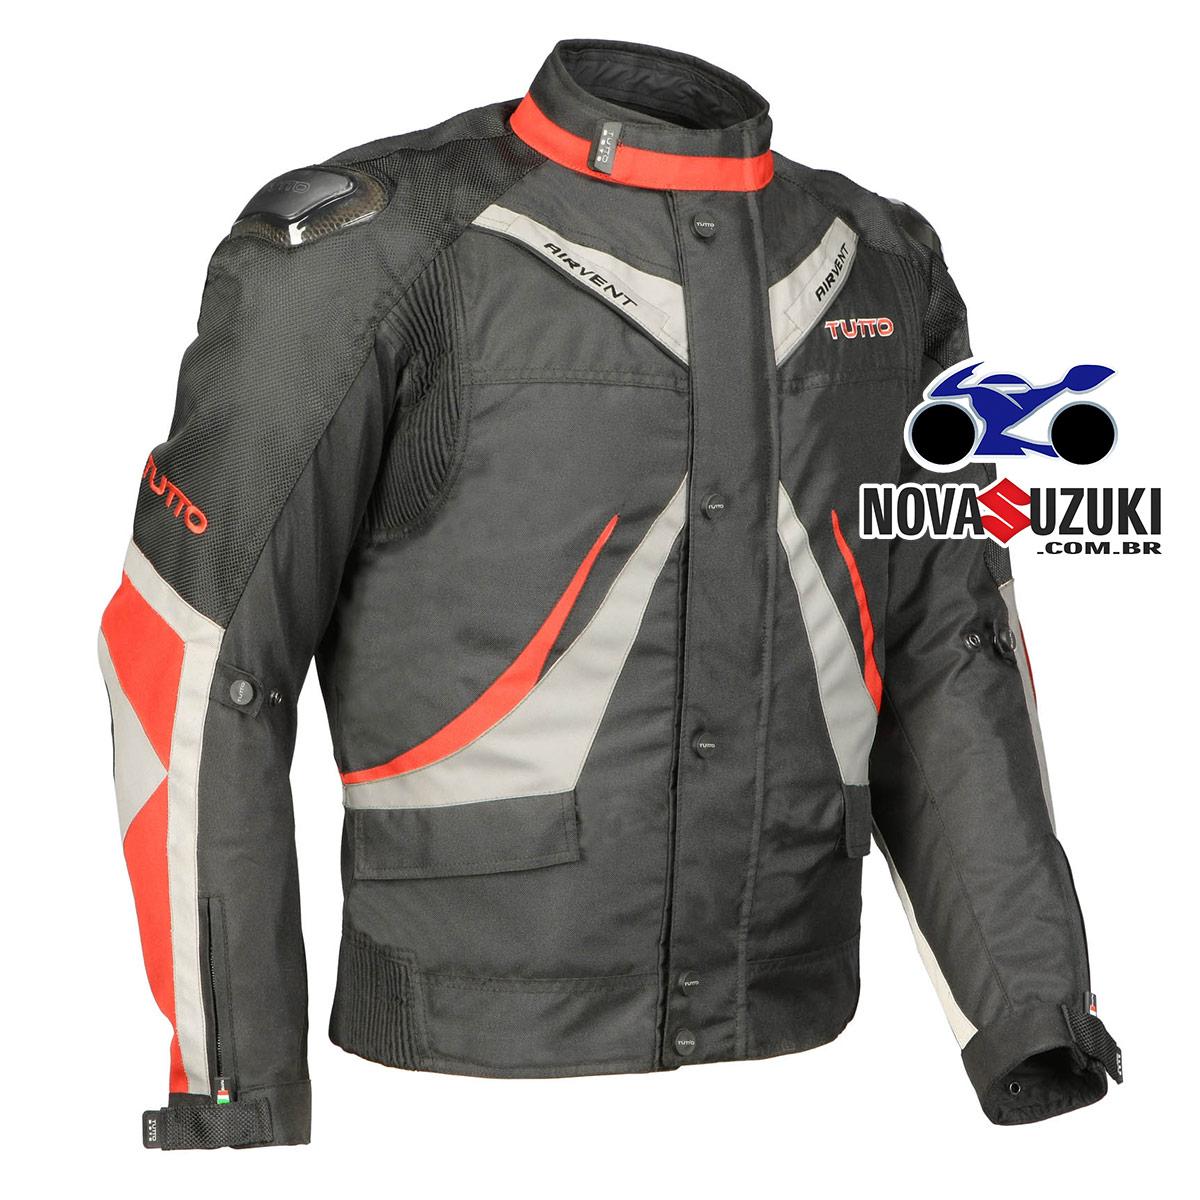 Jaqueta Tutto Napoli Vermelha (Mais Vendida) Secca  - Nova Suzuki Motos e Acessórios